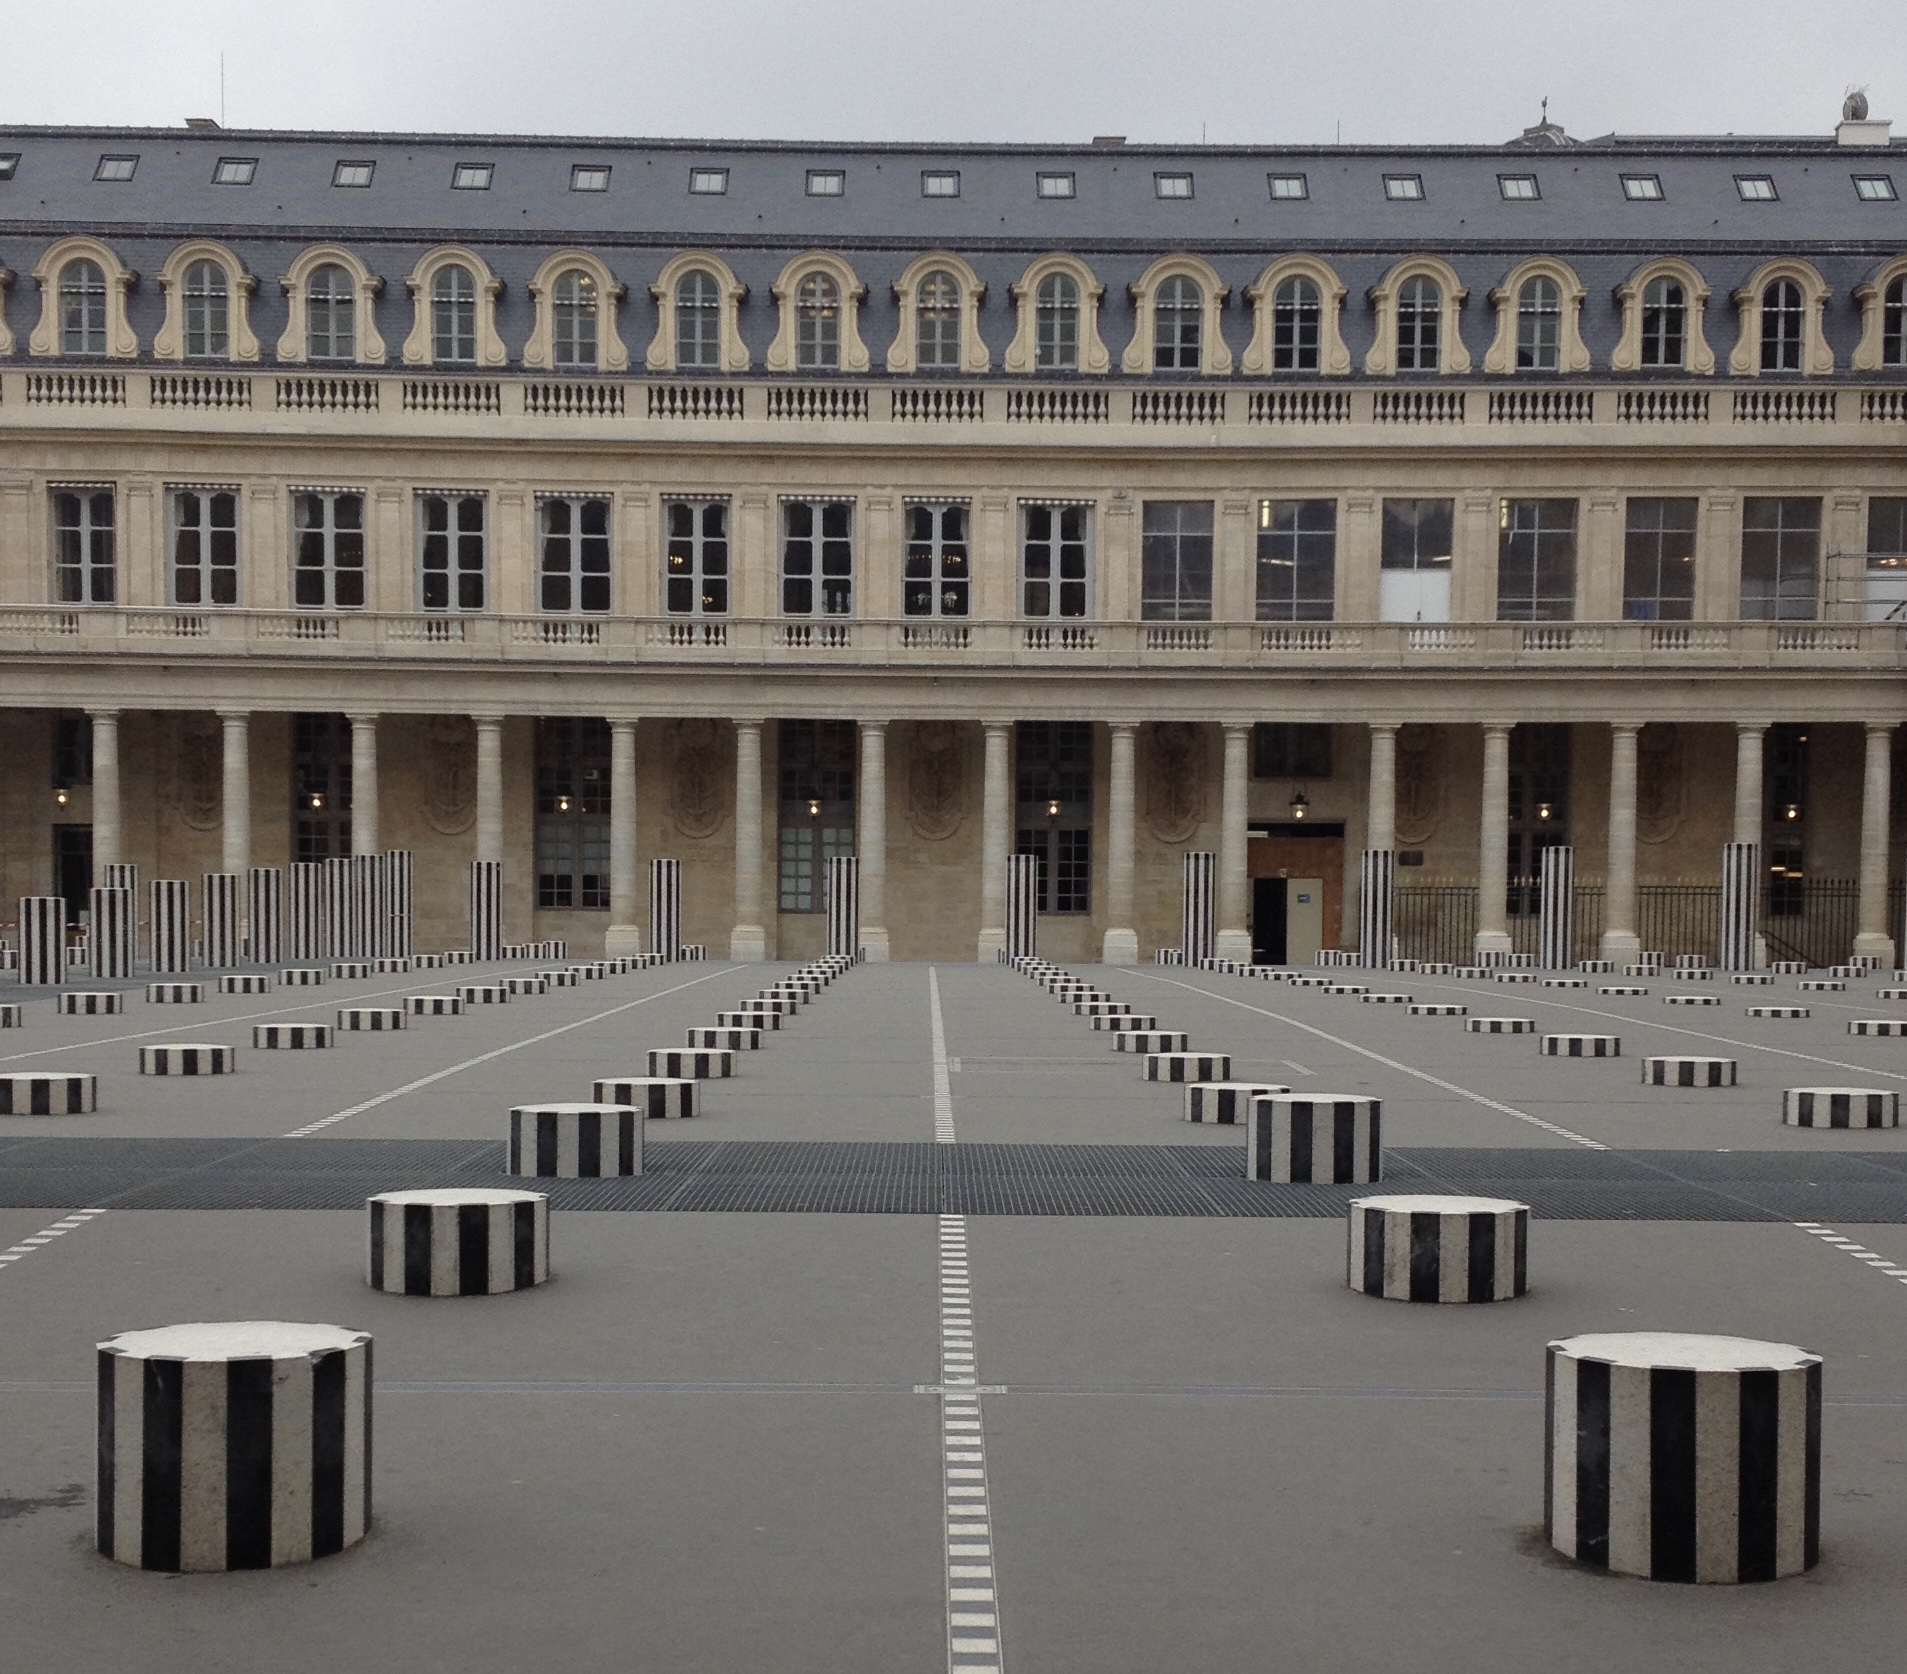 JARDIN DU PALAIS ROYAL ARCHITECTURE, PARIS